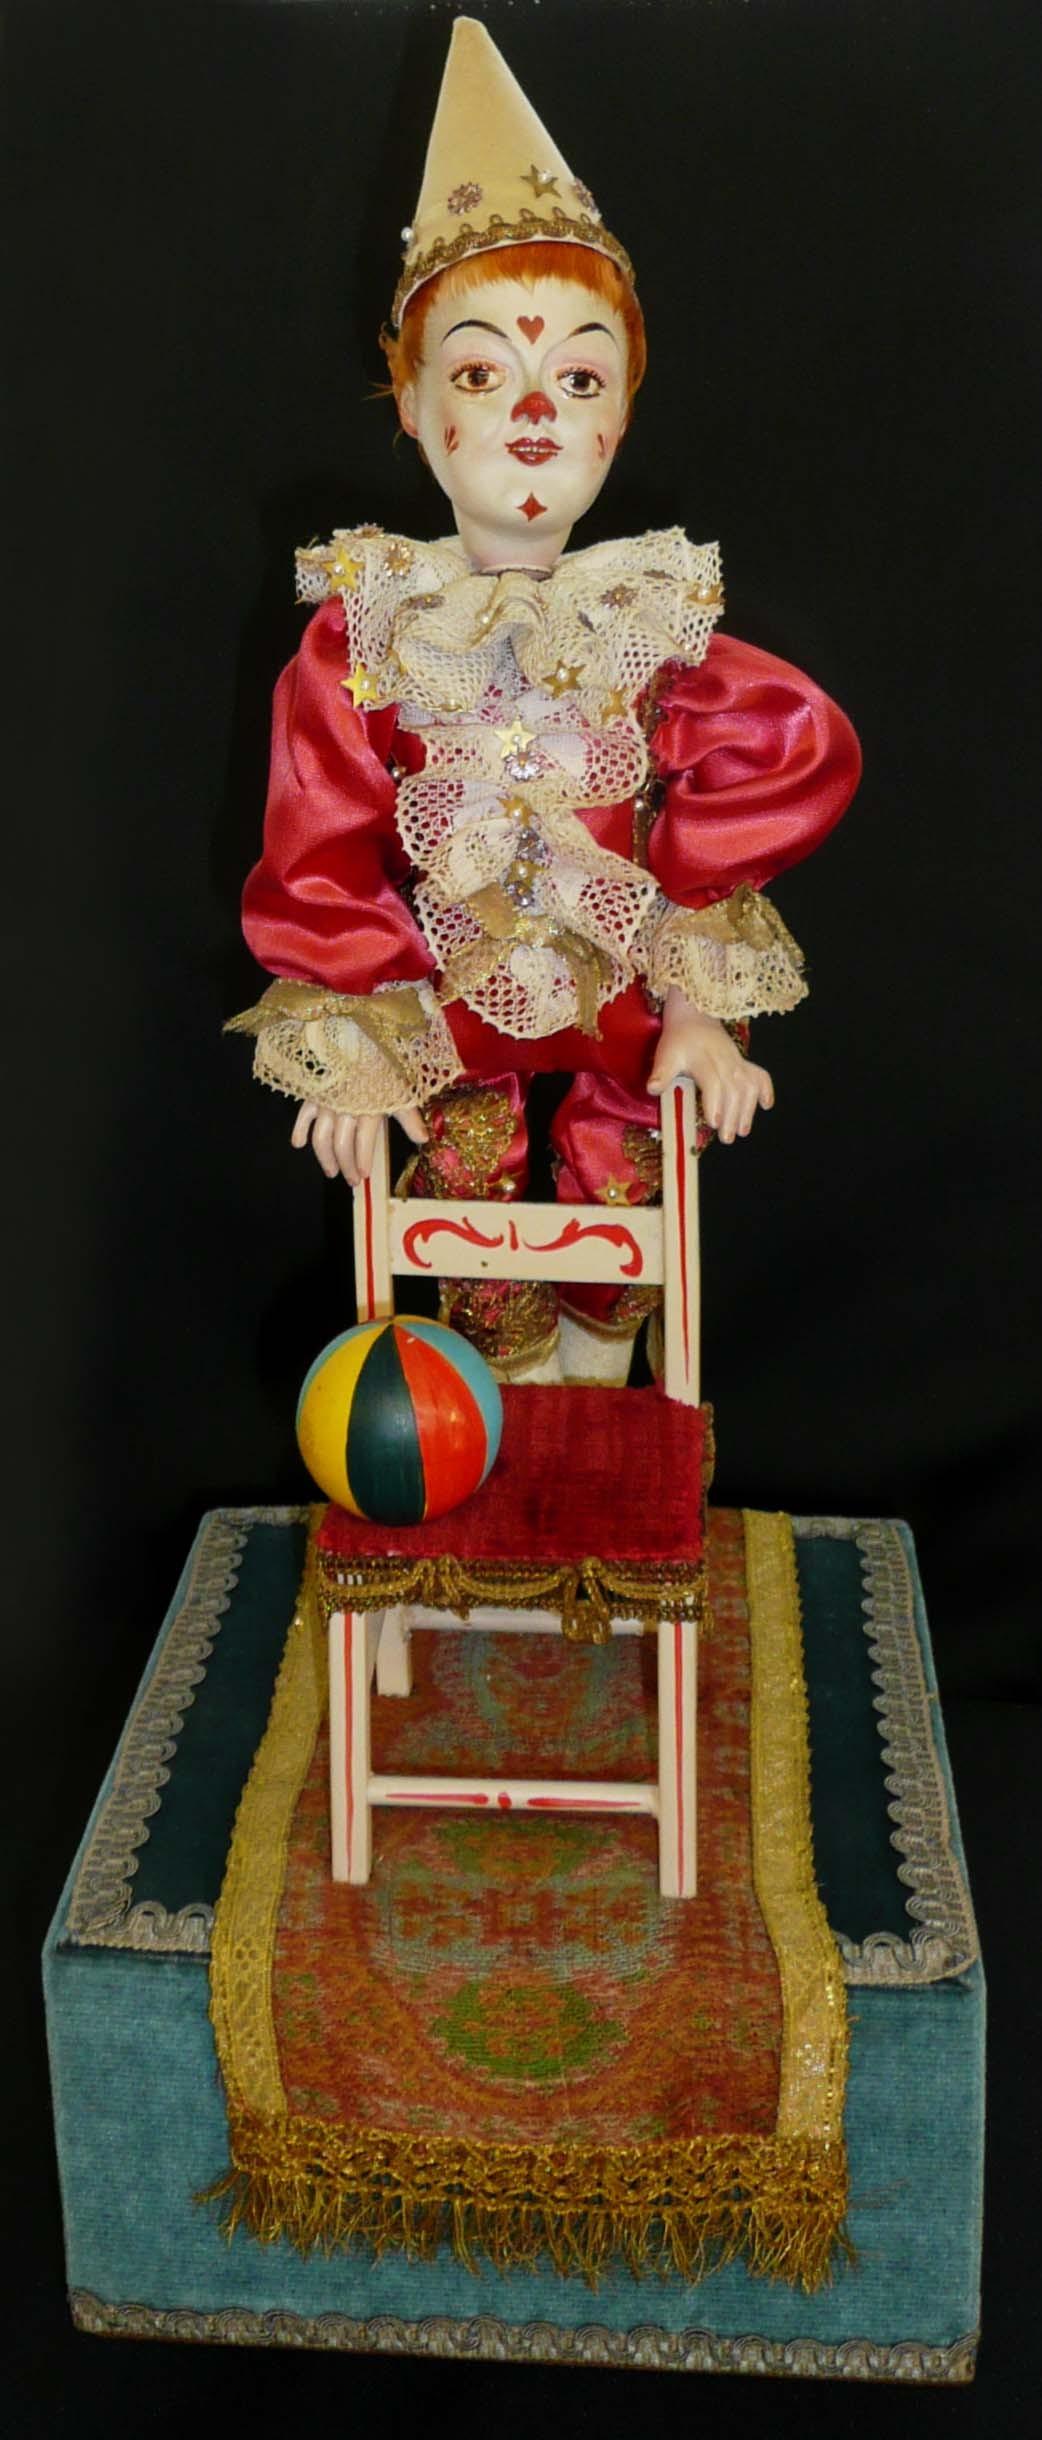 Clown équilibriste - vers 1940